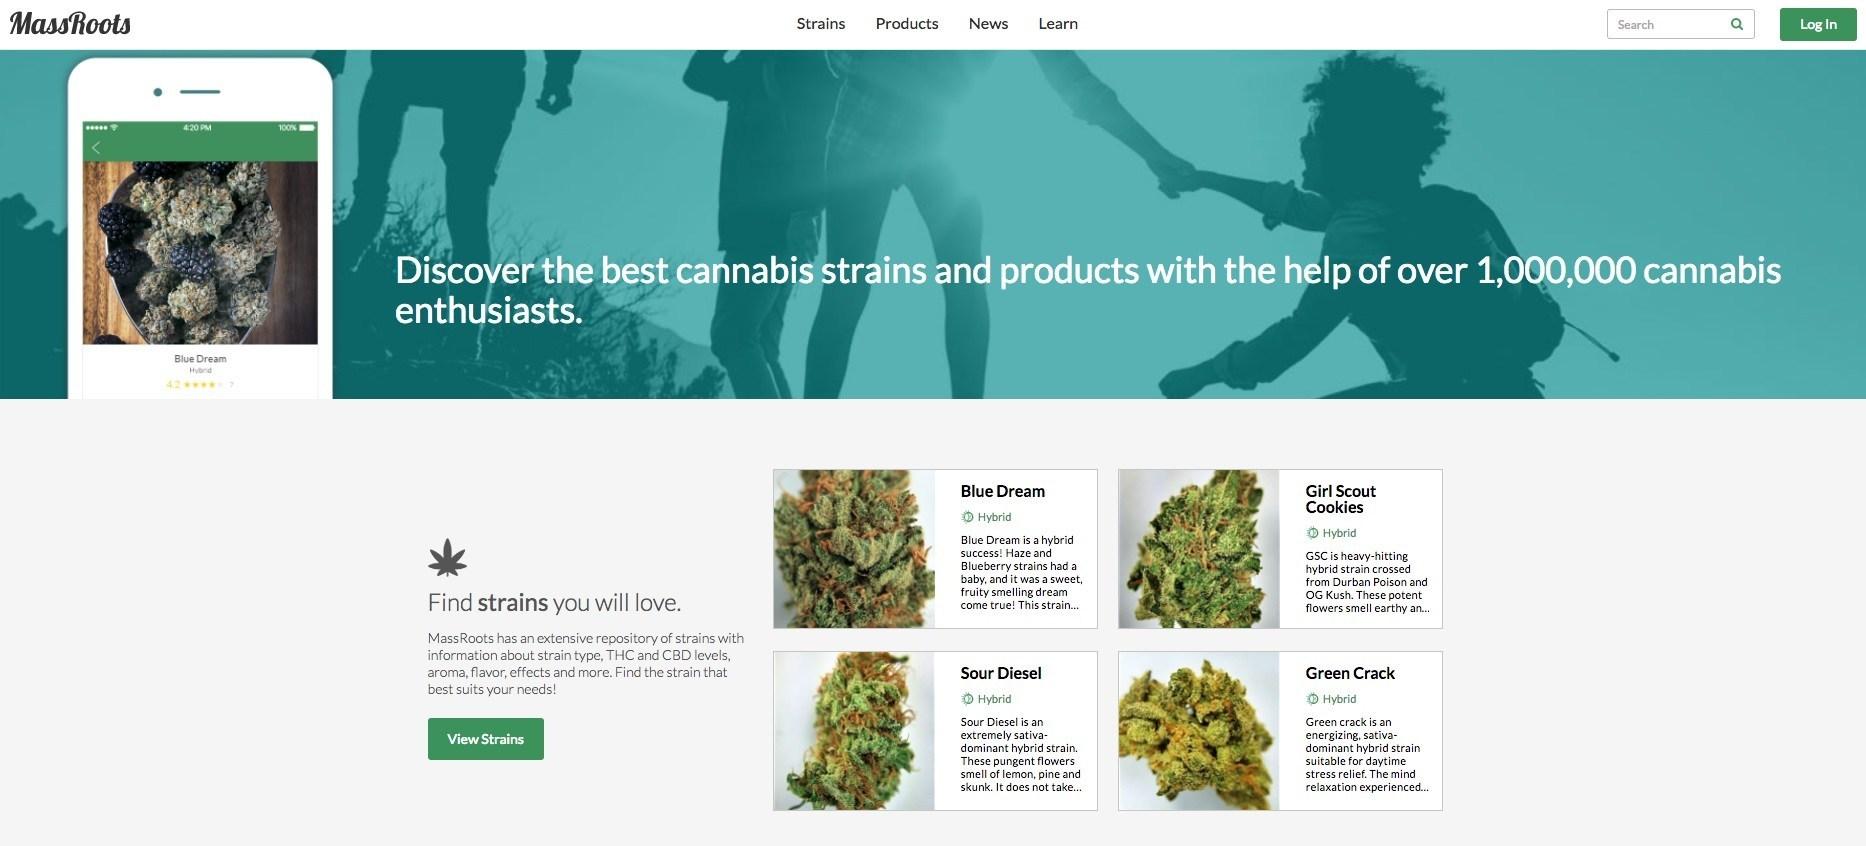 New MassRoots Website Interface